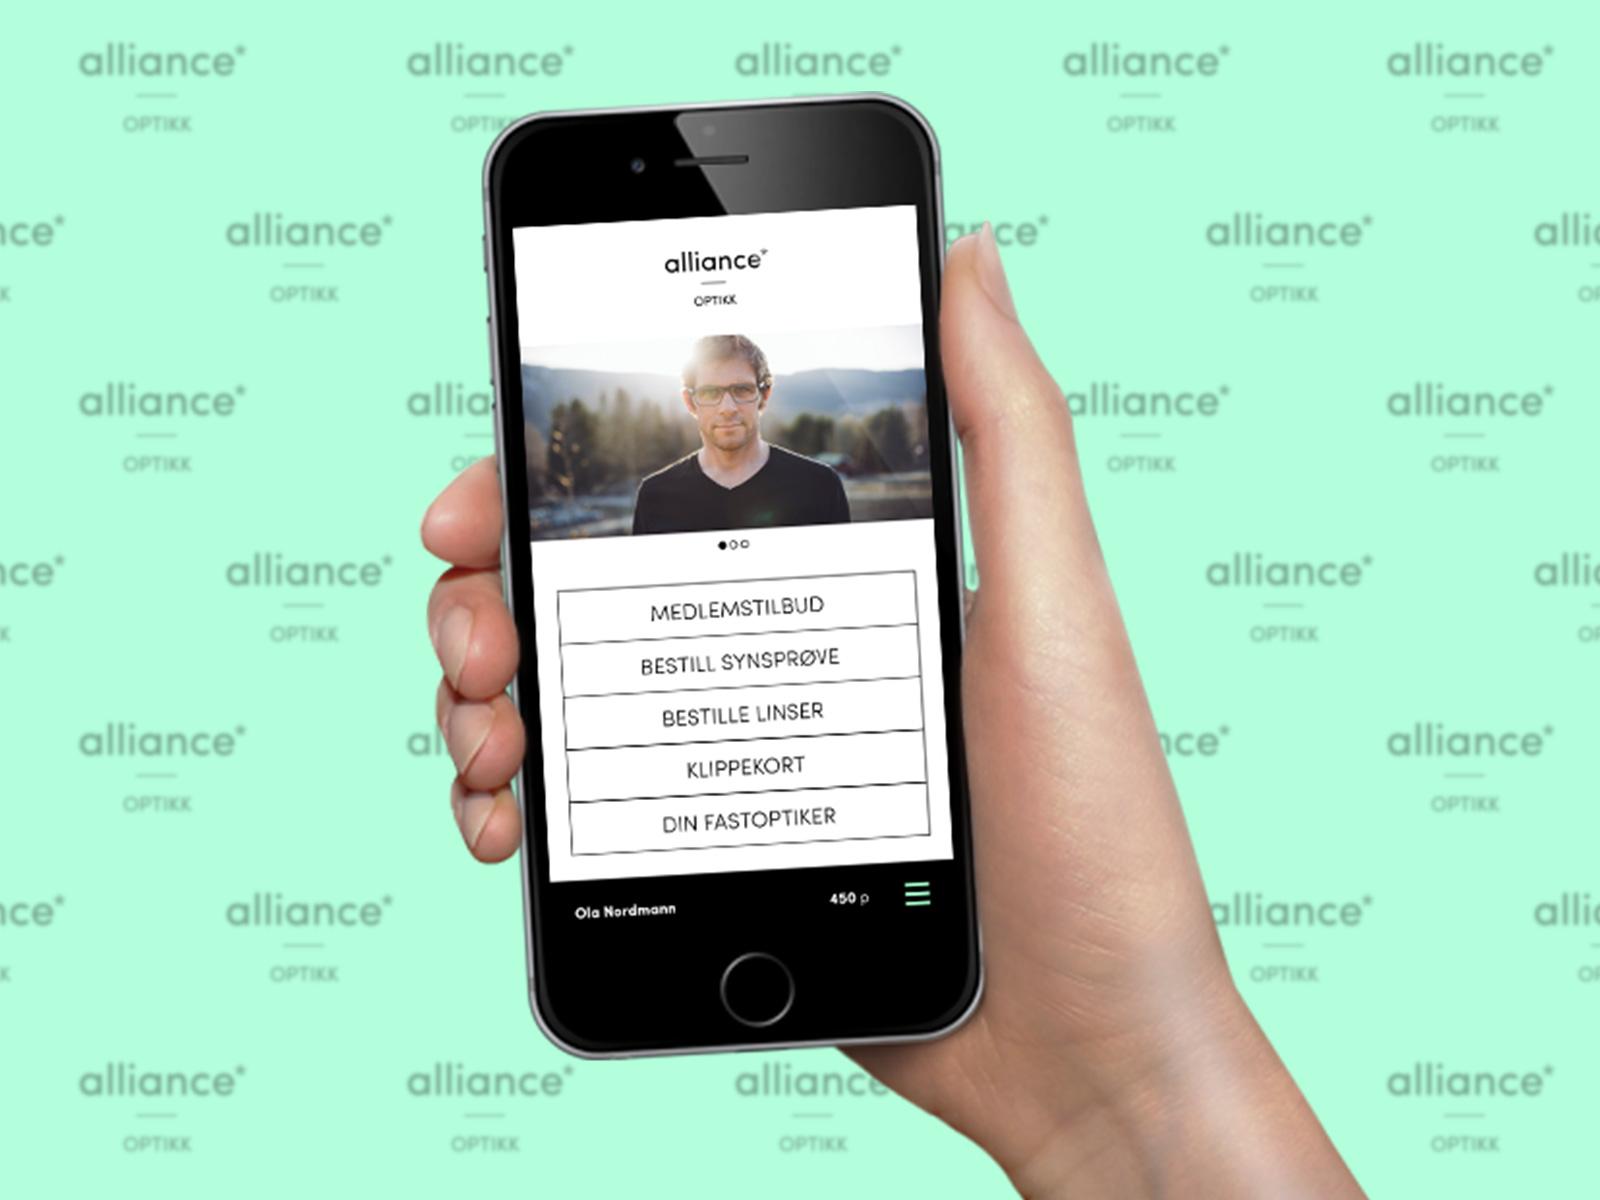 Alliance optikk kundeklubb app